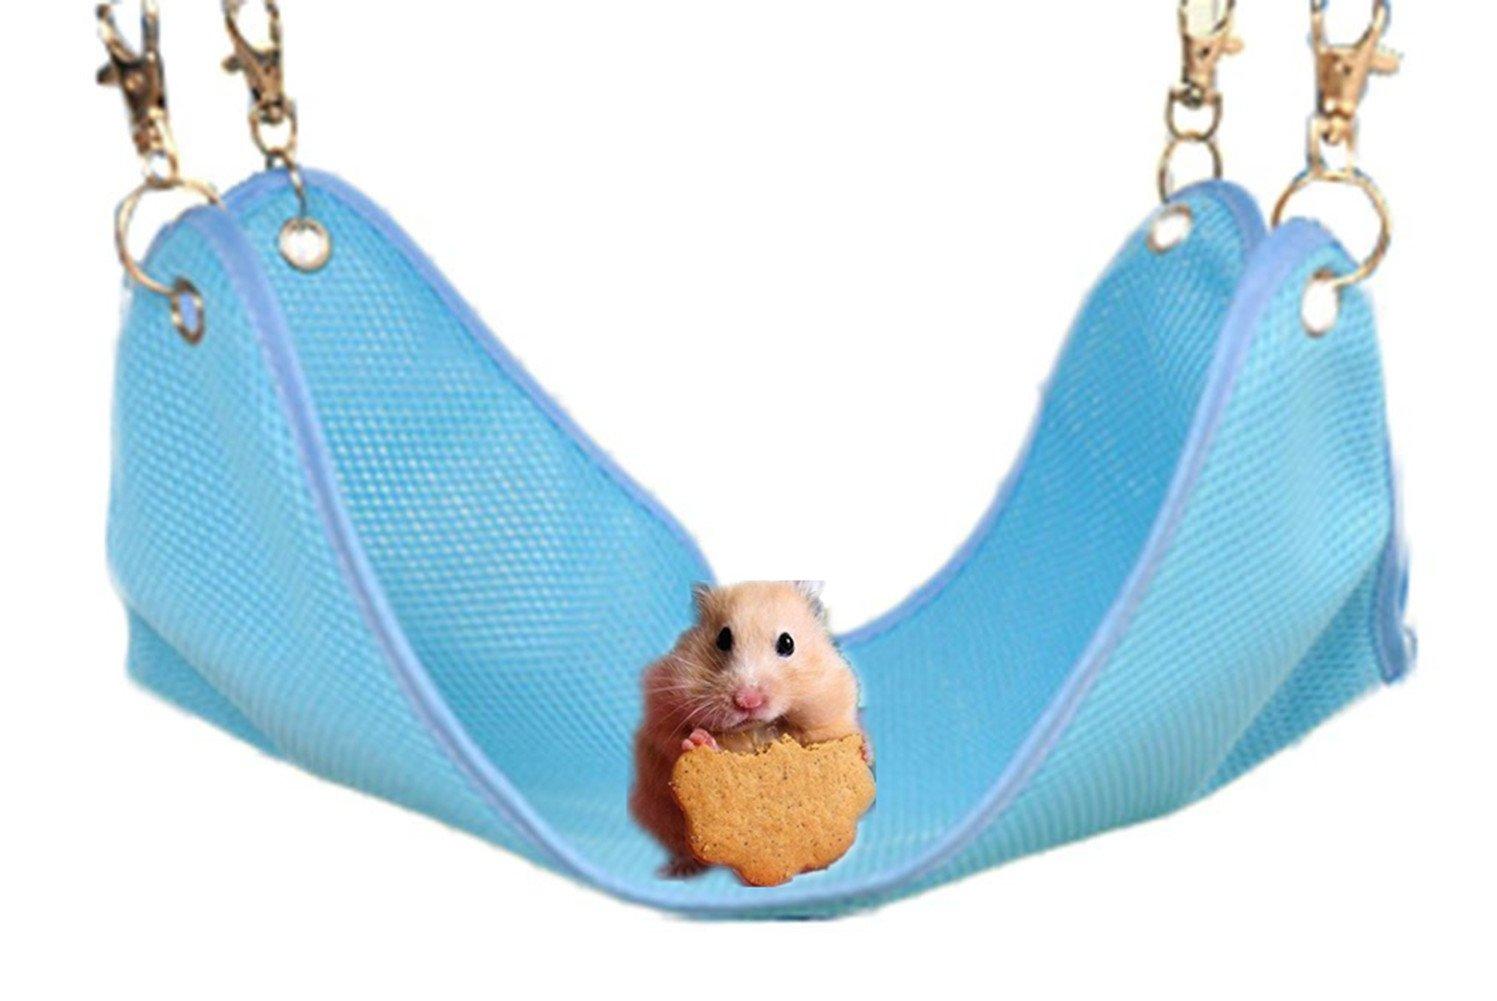 Spaufu Hamac pour Hamster Cage Couchage Jouets pour Petit Animal Hamster Souris Hérisson Chinchilla en Coton Respirant Anti-odeurs Anti-taches avec Trou (Jaune)